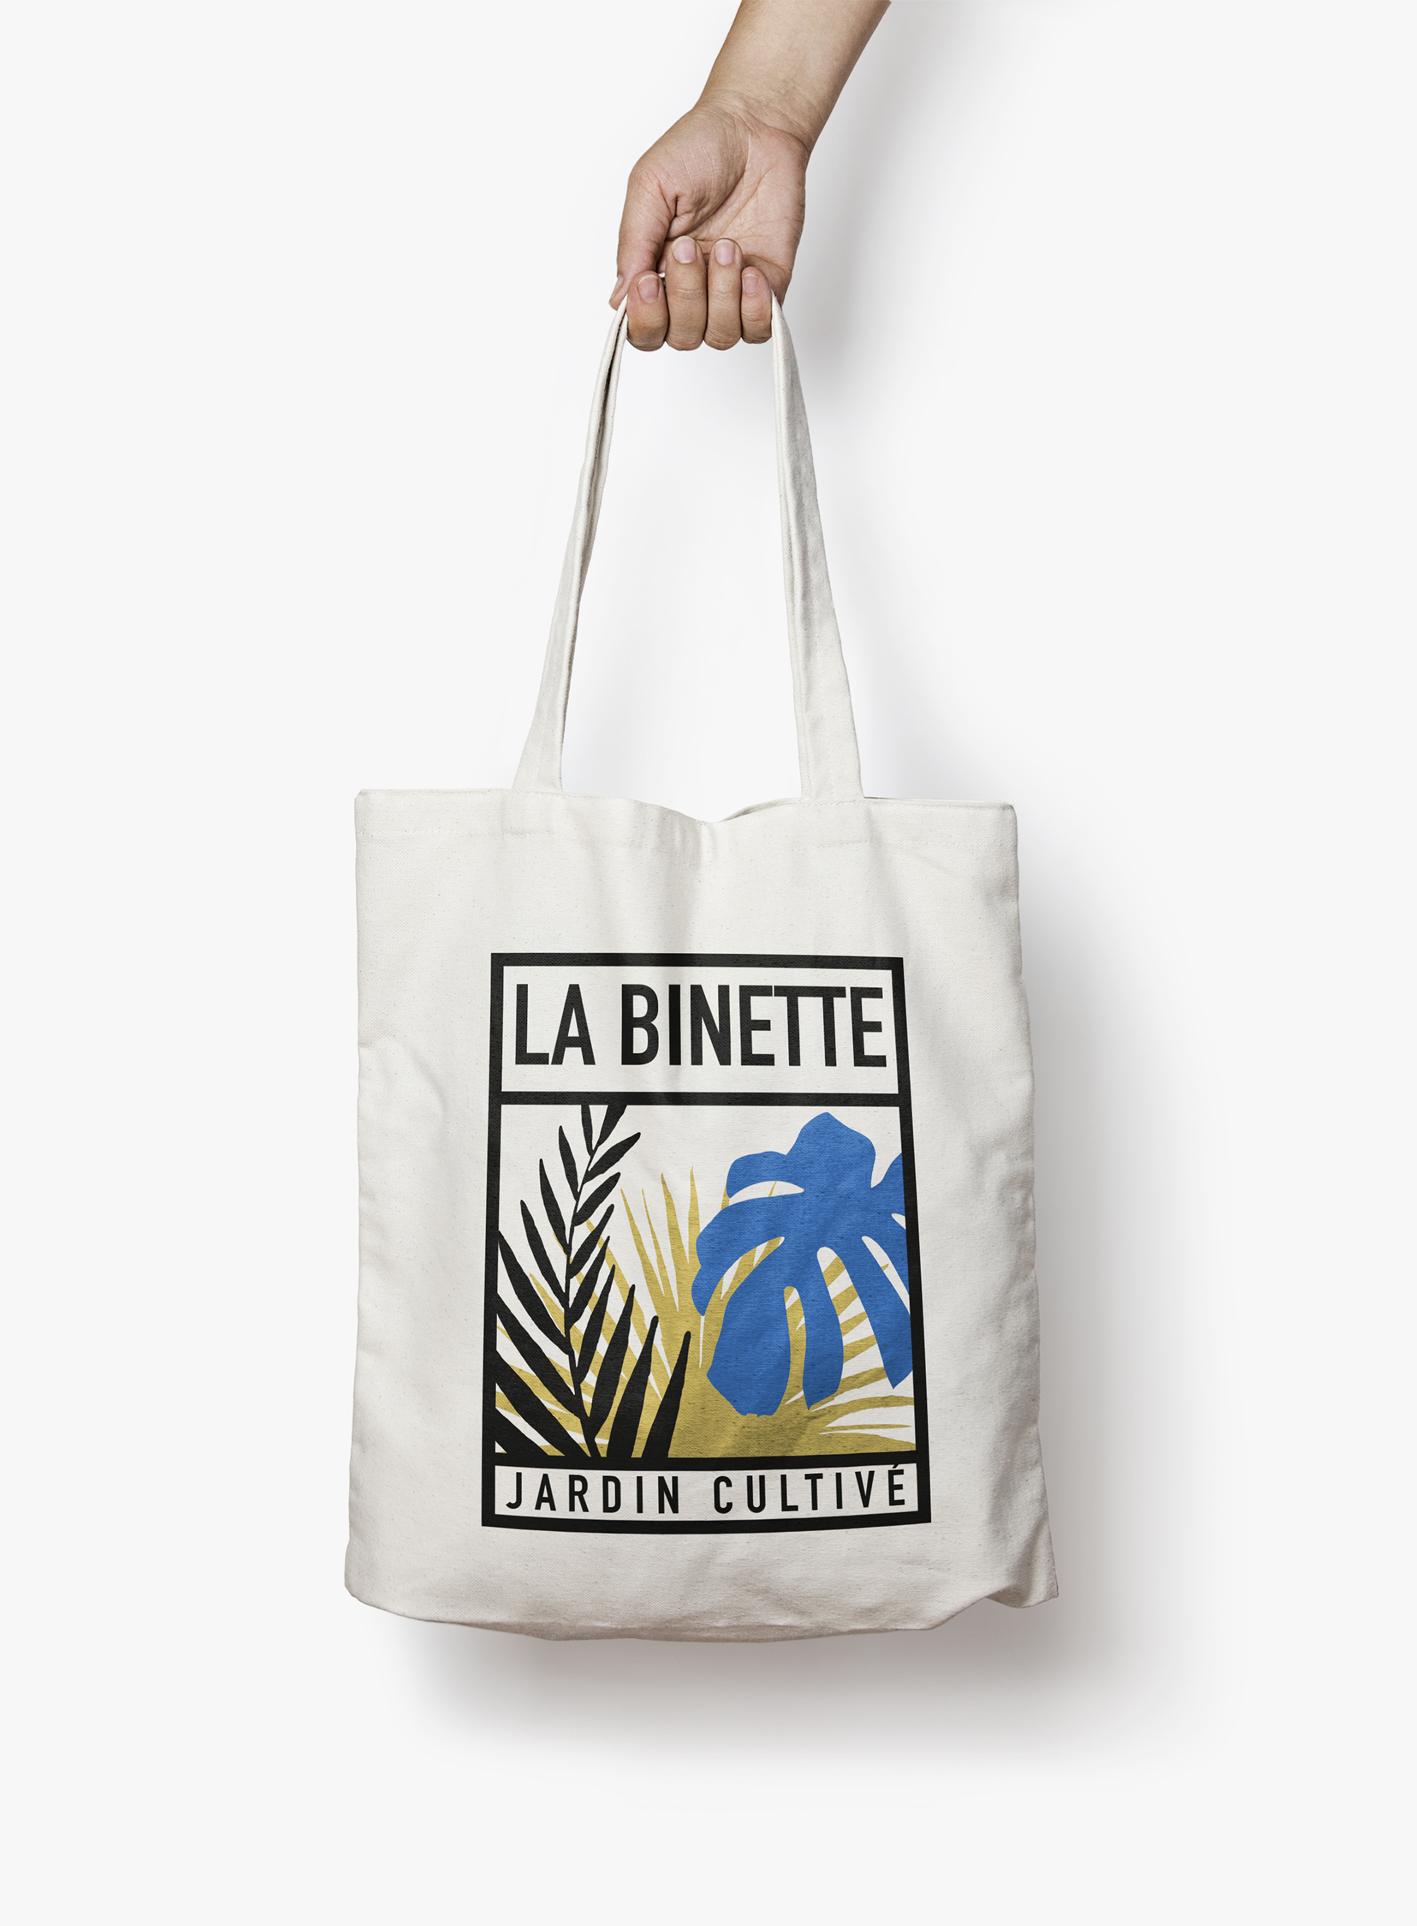 Branding La Binette